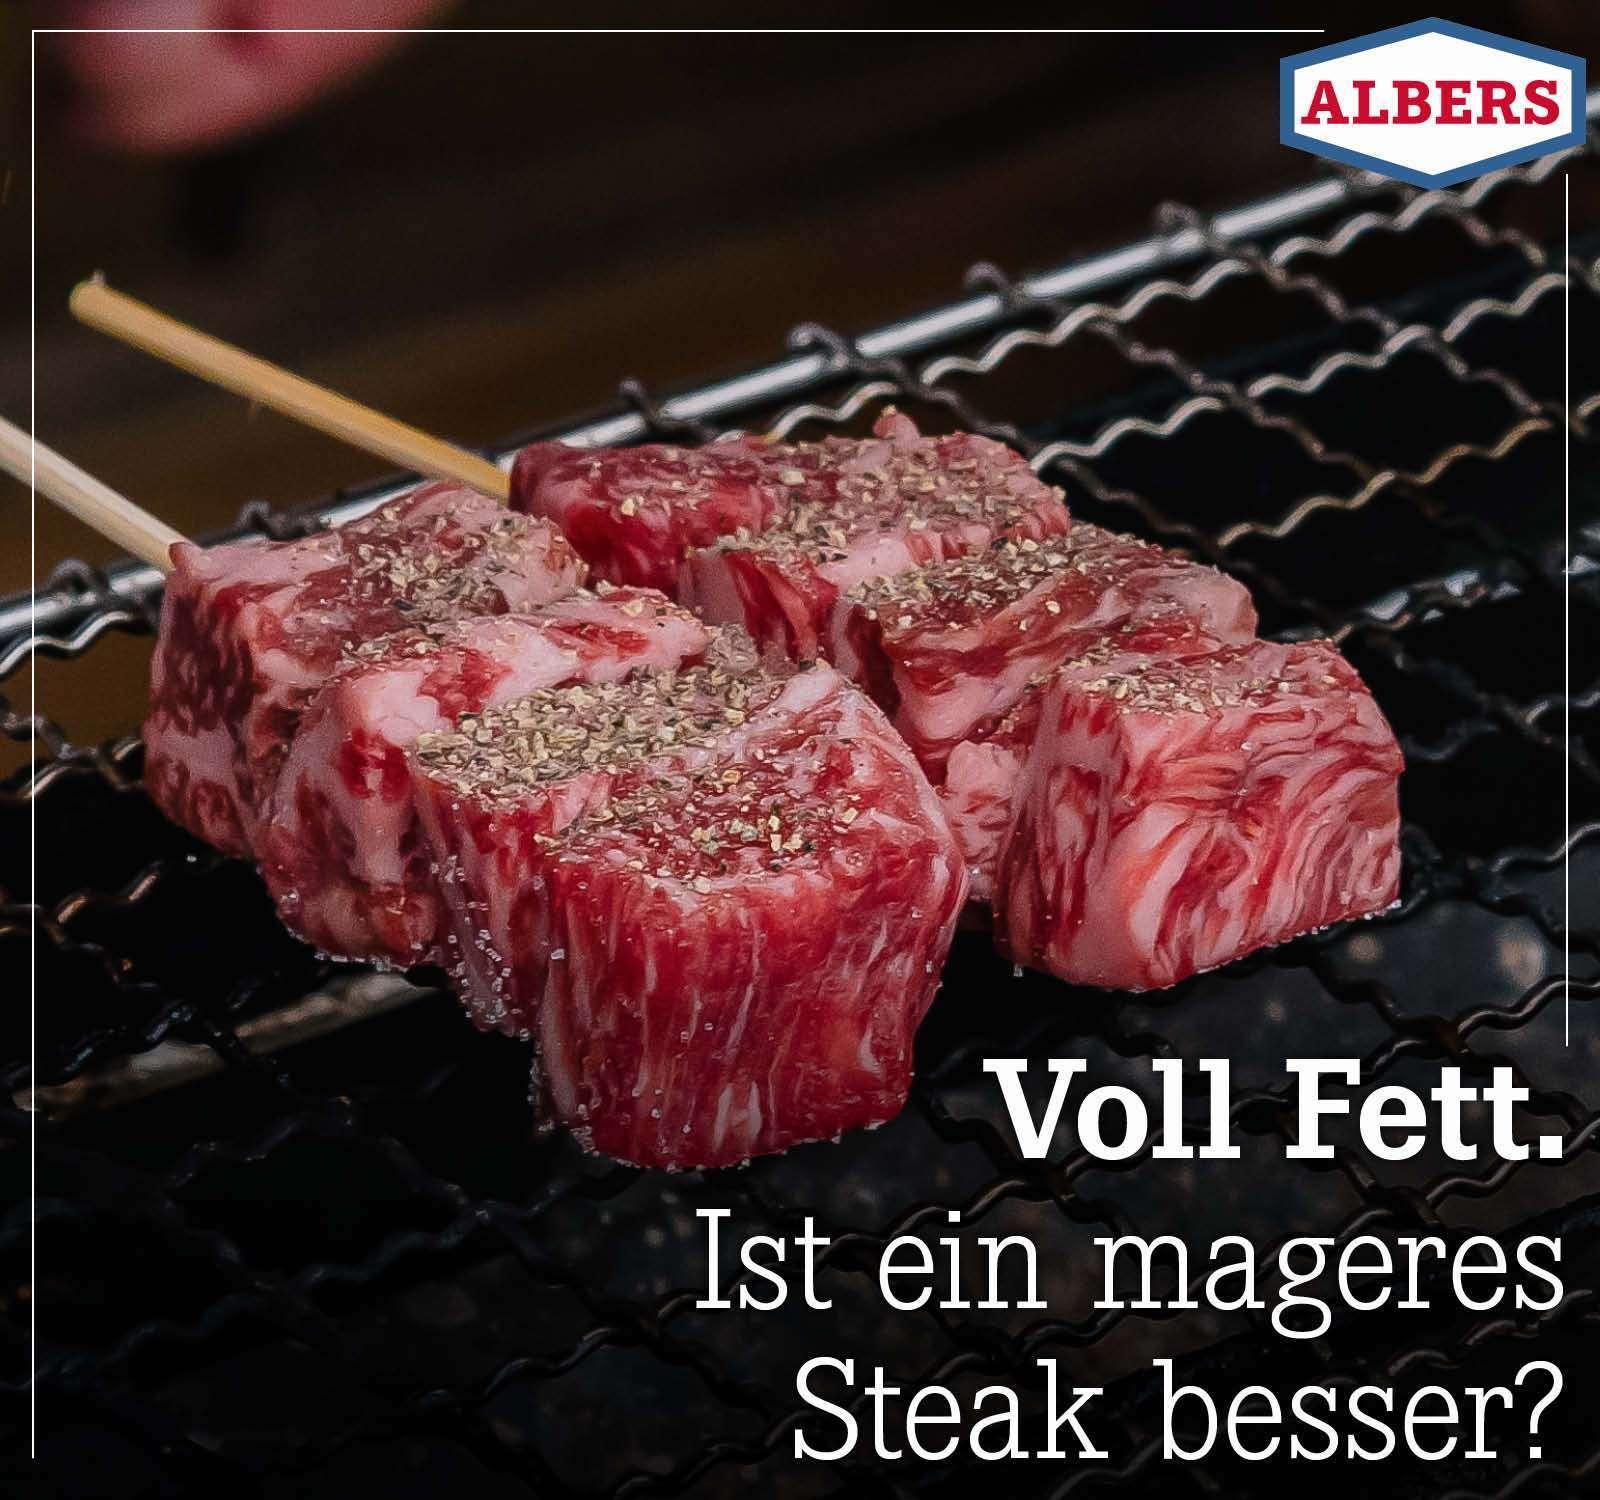 Voll Fett. Ist ein mageres Steak besser?